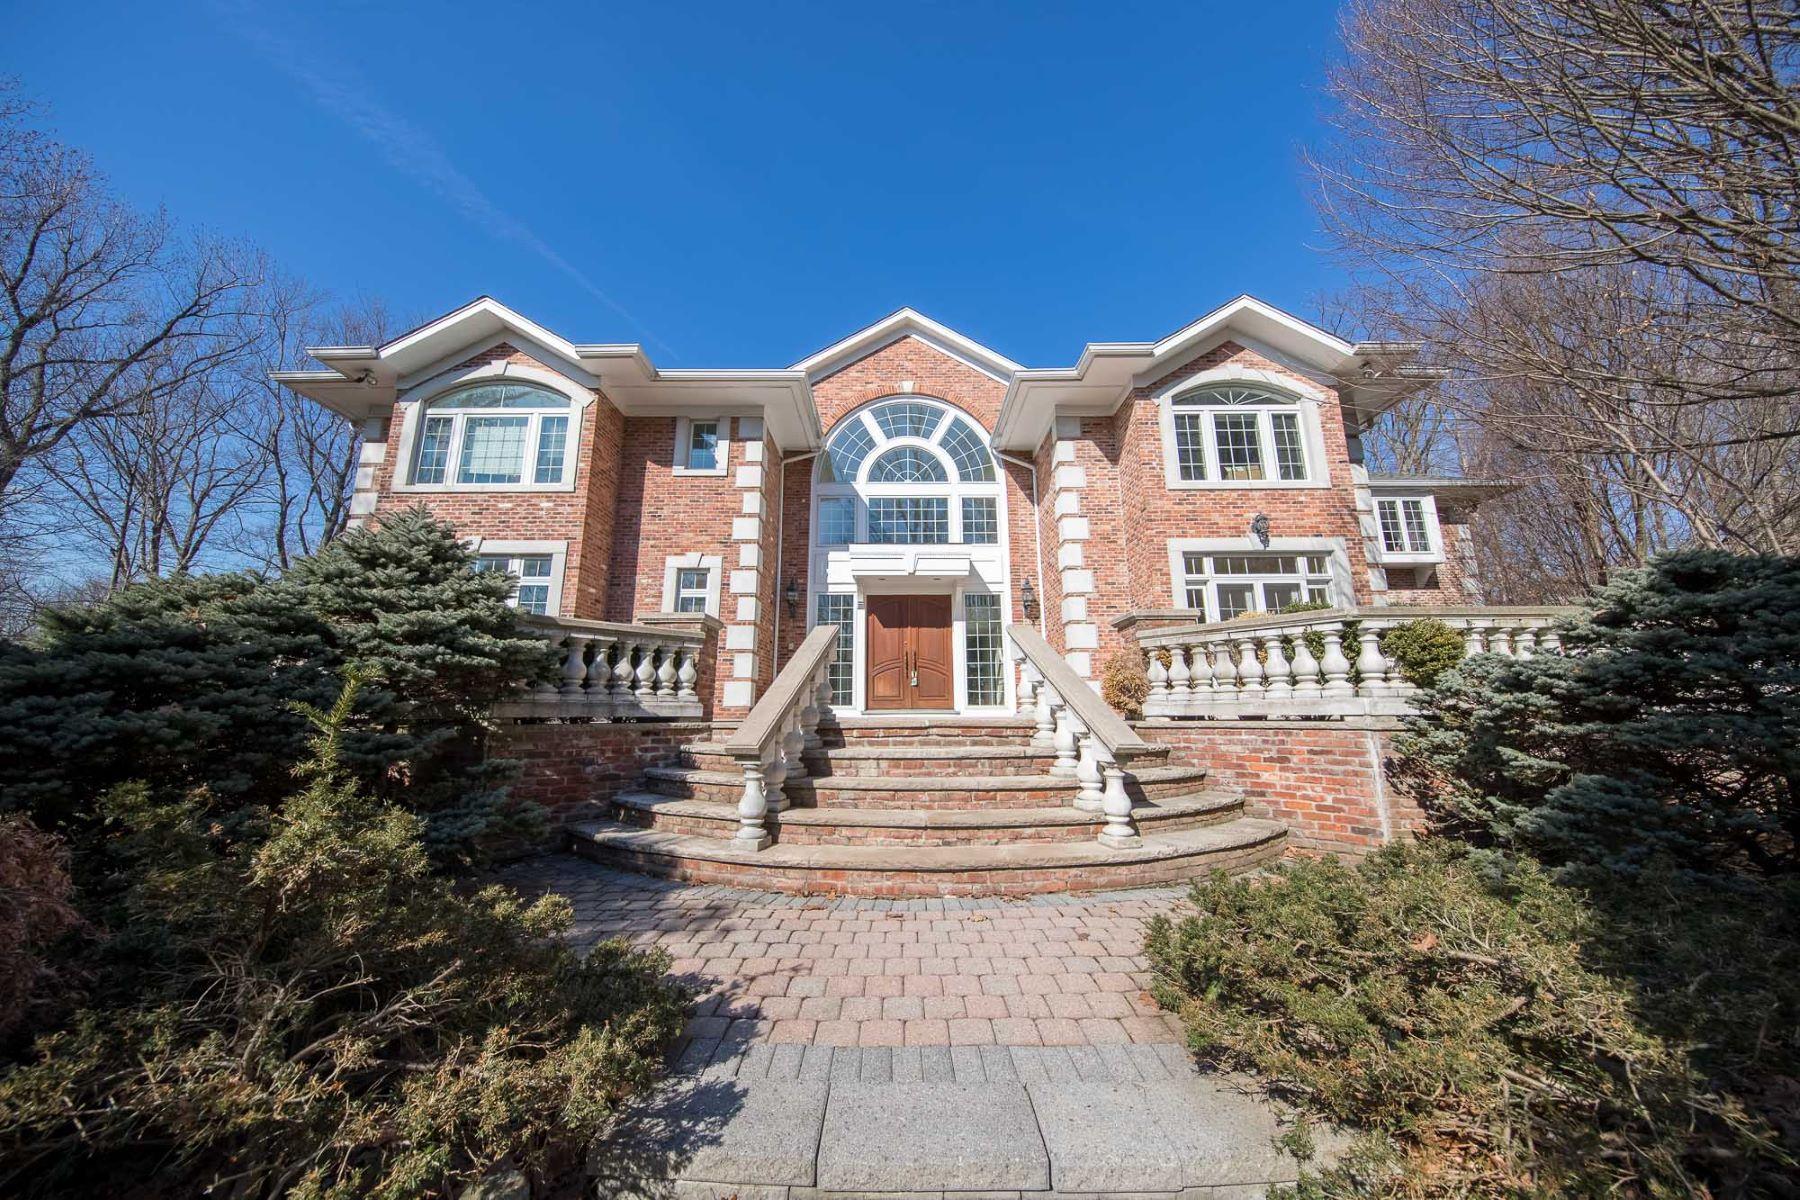 Vivienda unifamiliar por un Venta en Beautiful Property 19 Woodhill Rd, Tenafly, Nueva Jersey 07670 Estados Unidos